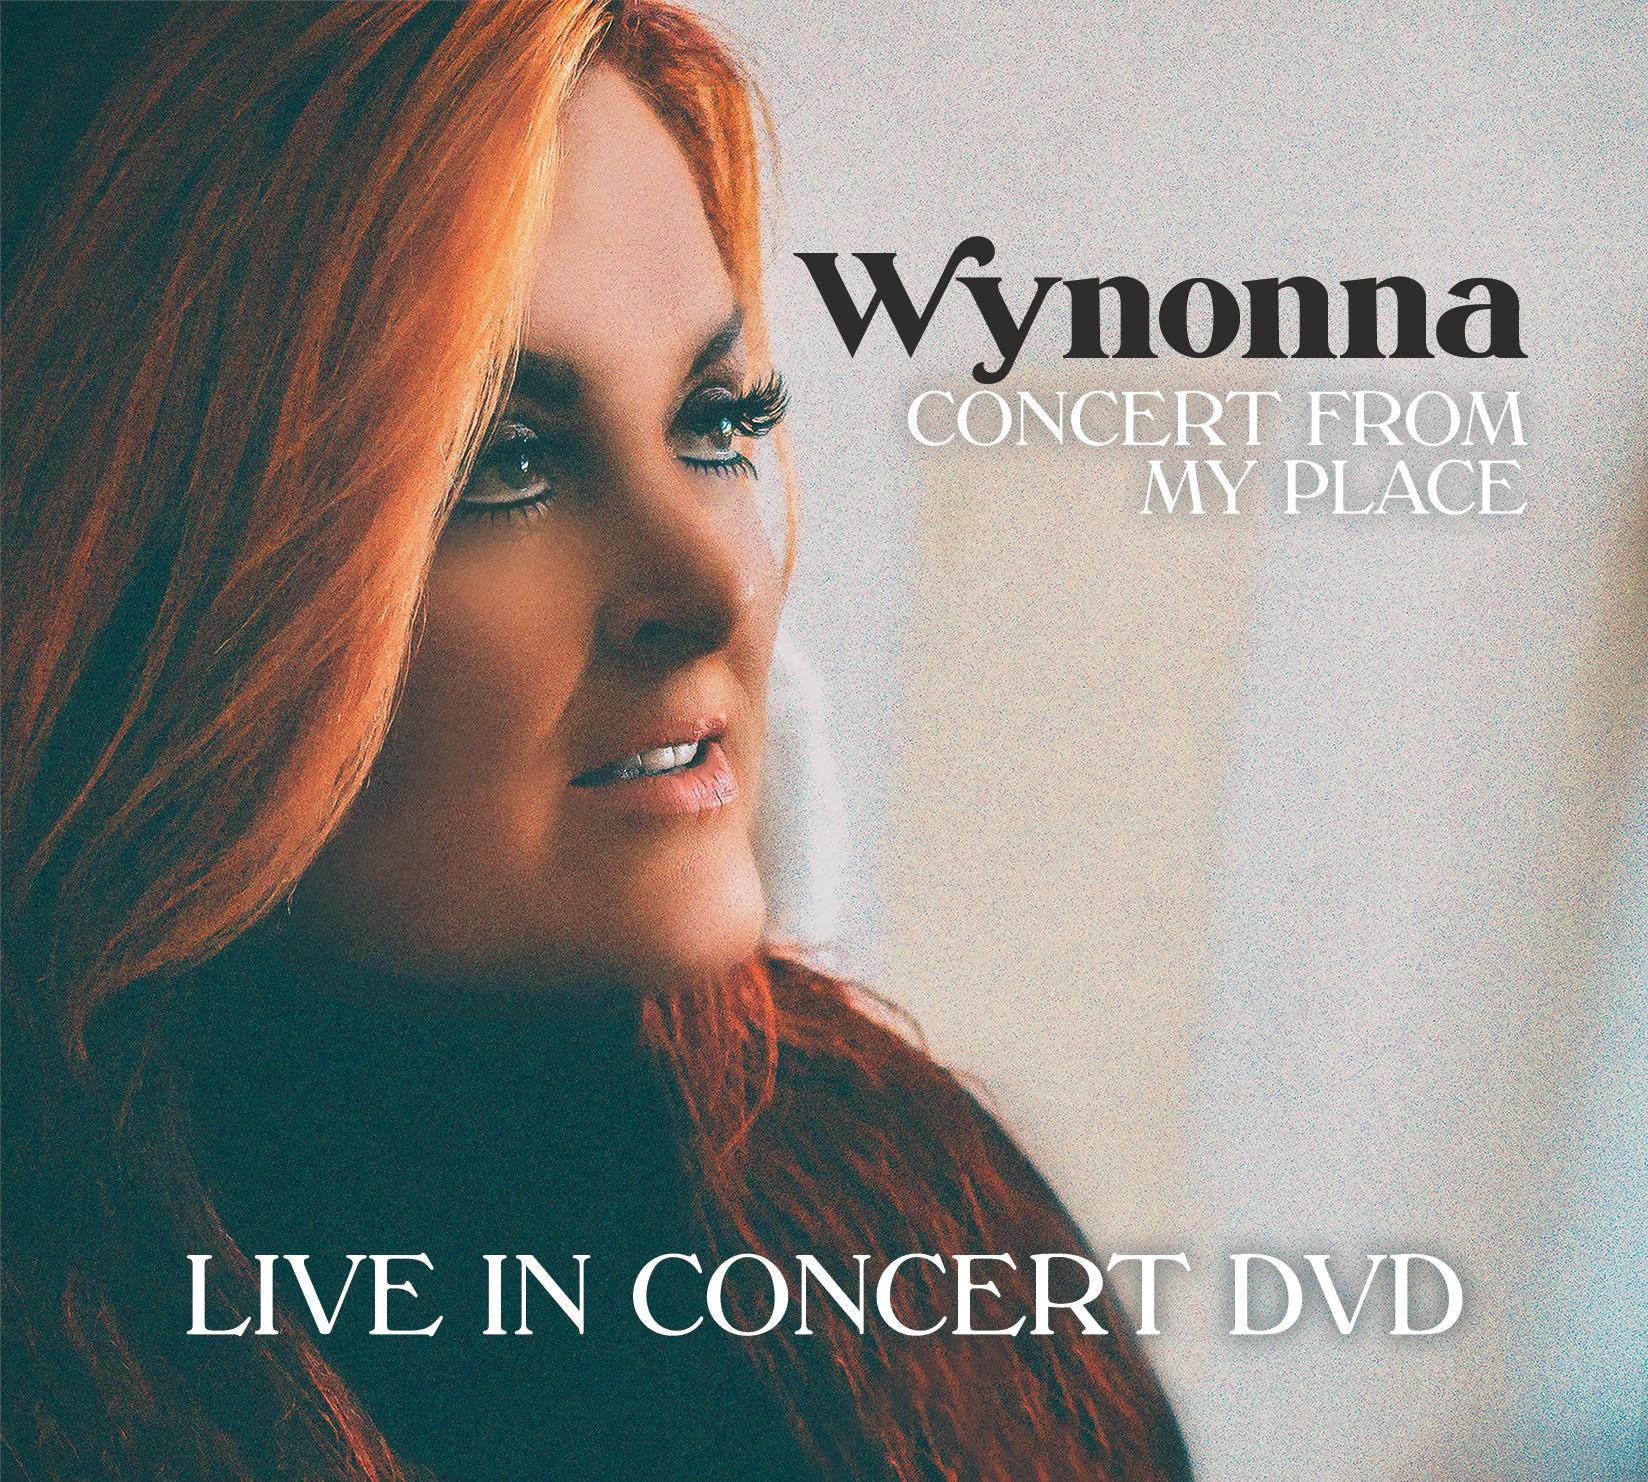 Wynonna DVD